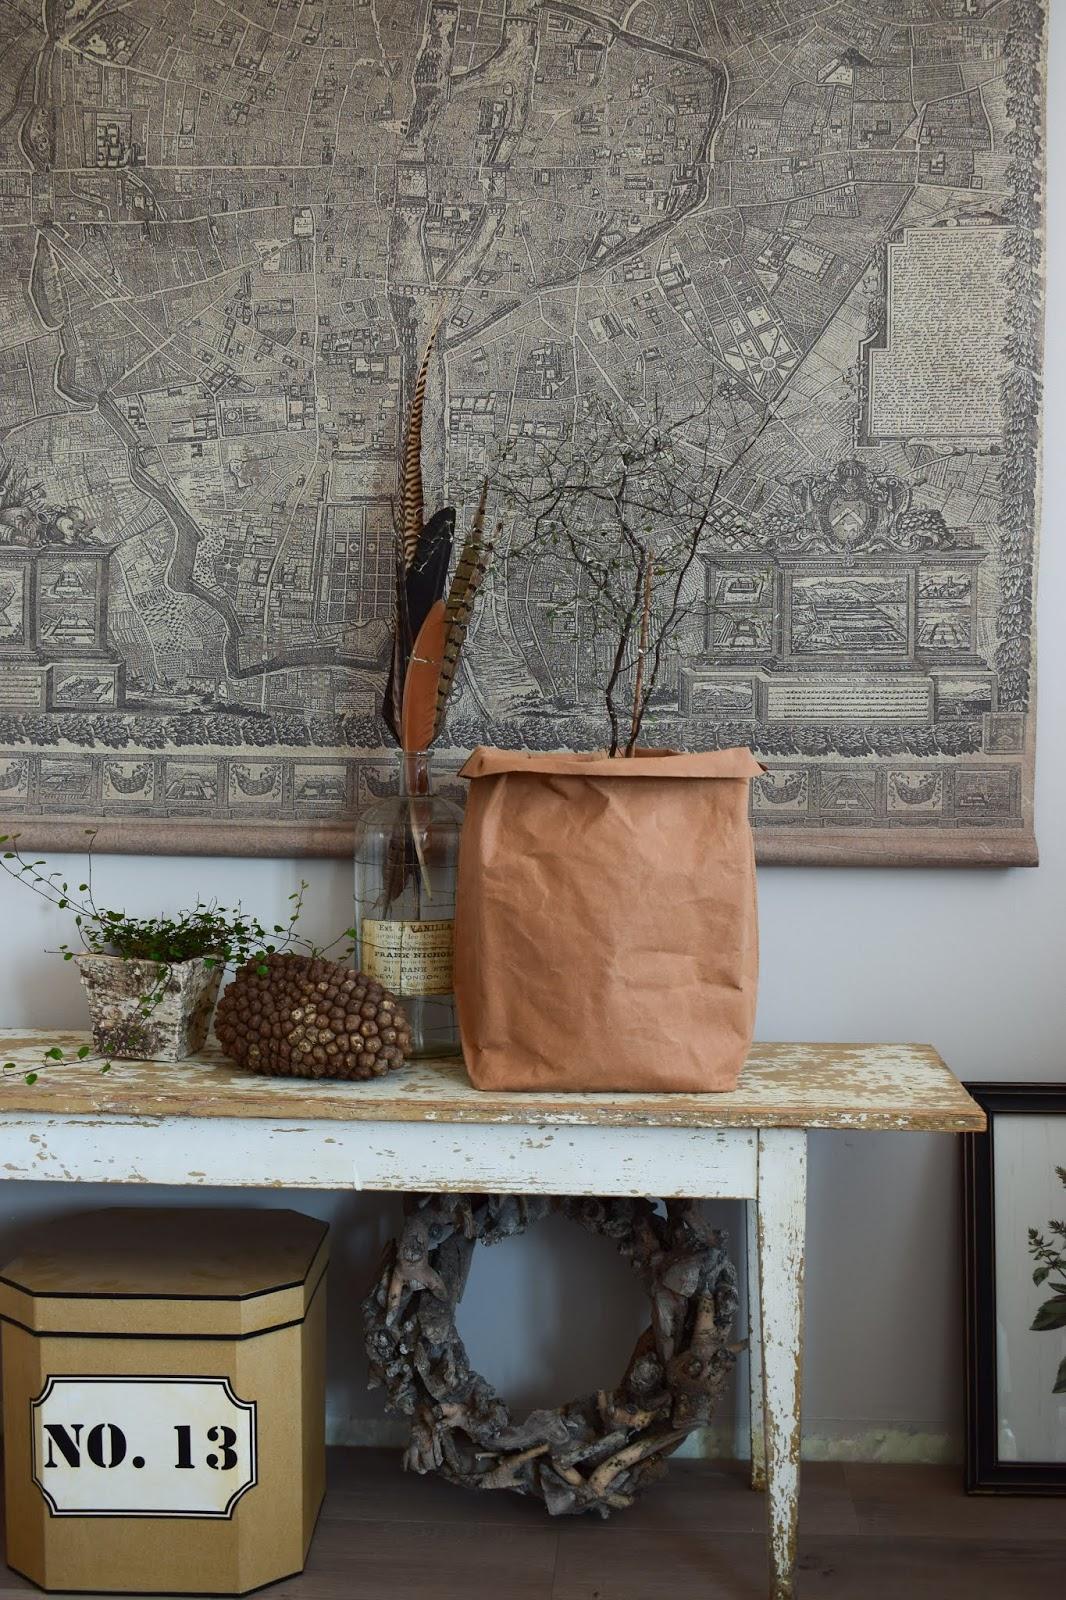 Natürliche Dekoidee Aufbewahrungstüte als Übertopf von WENKO im Landhausstil Deko Dekoration Schlafzimmer